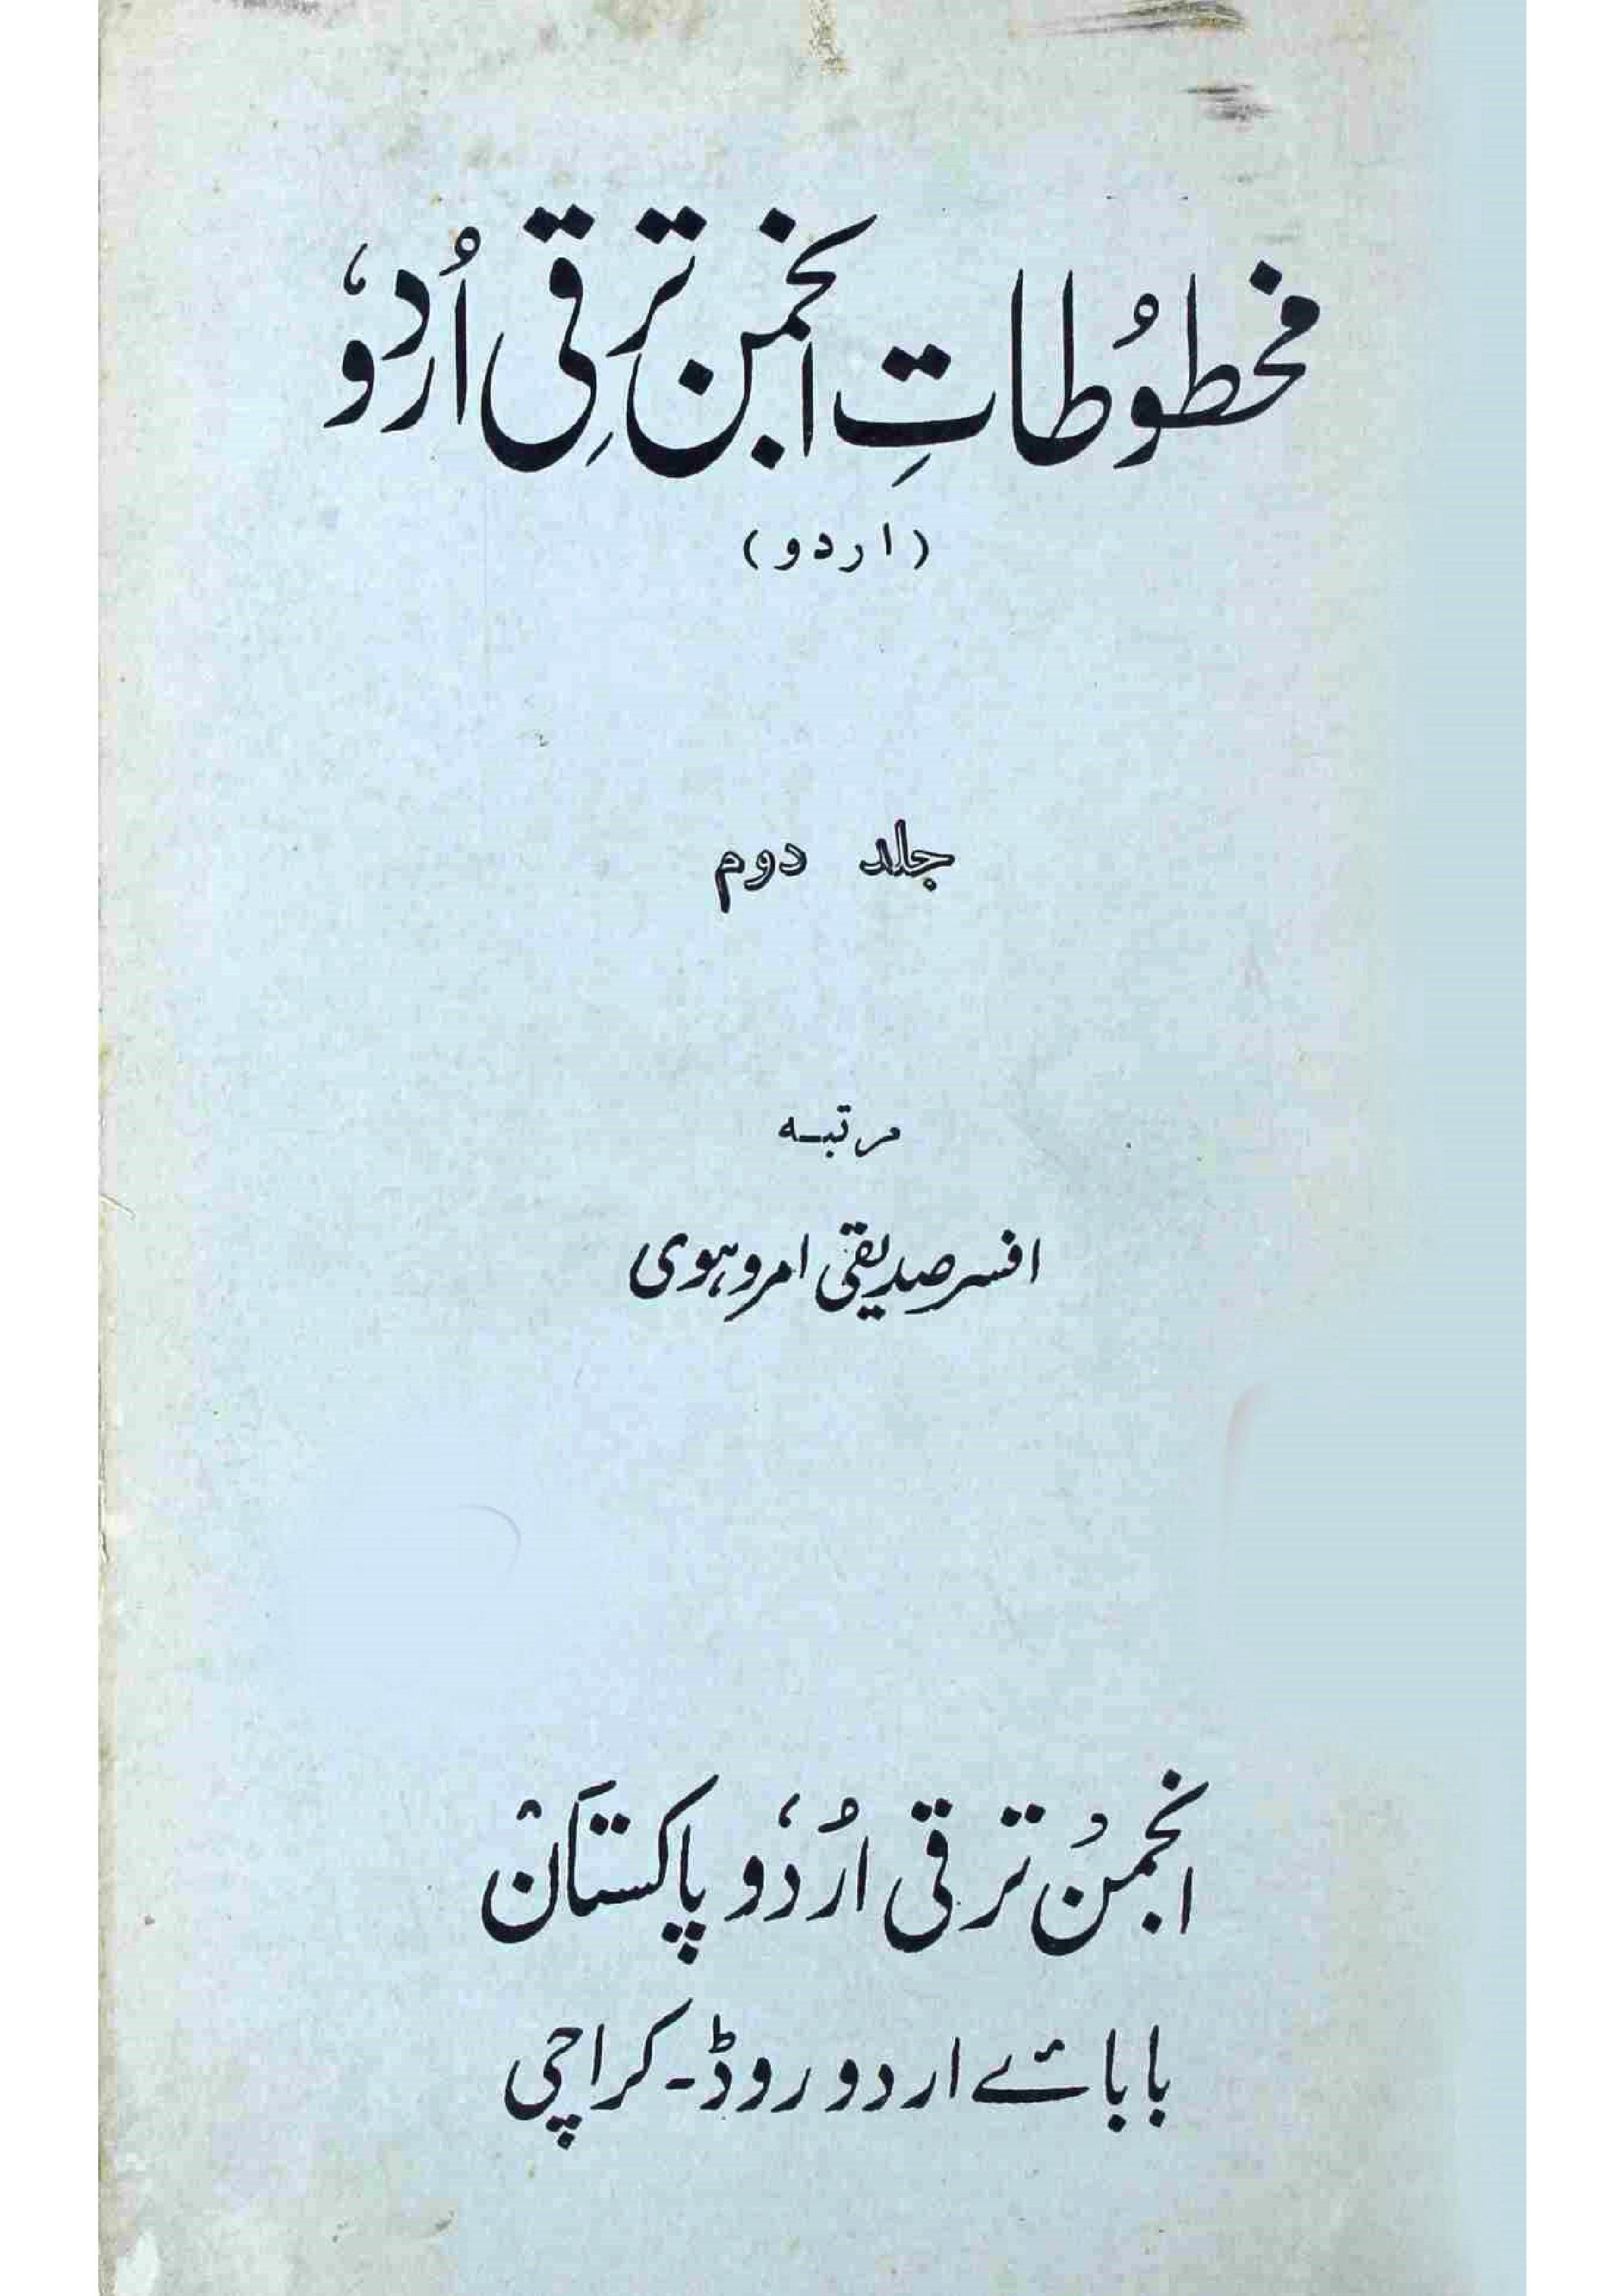 Makhtutat-e-Anjuman Taraqqi Urdu     Volume-002